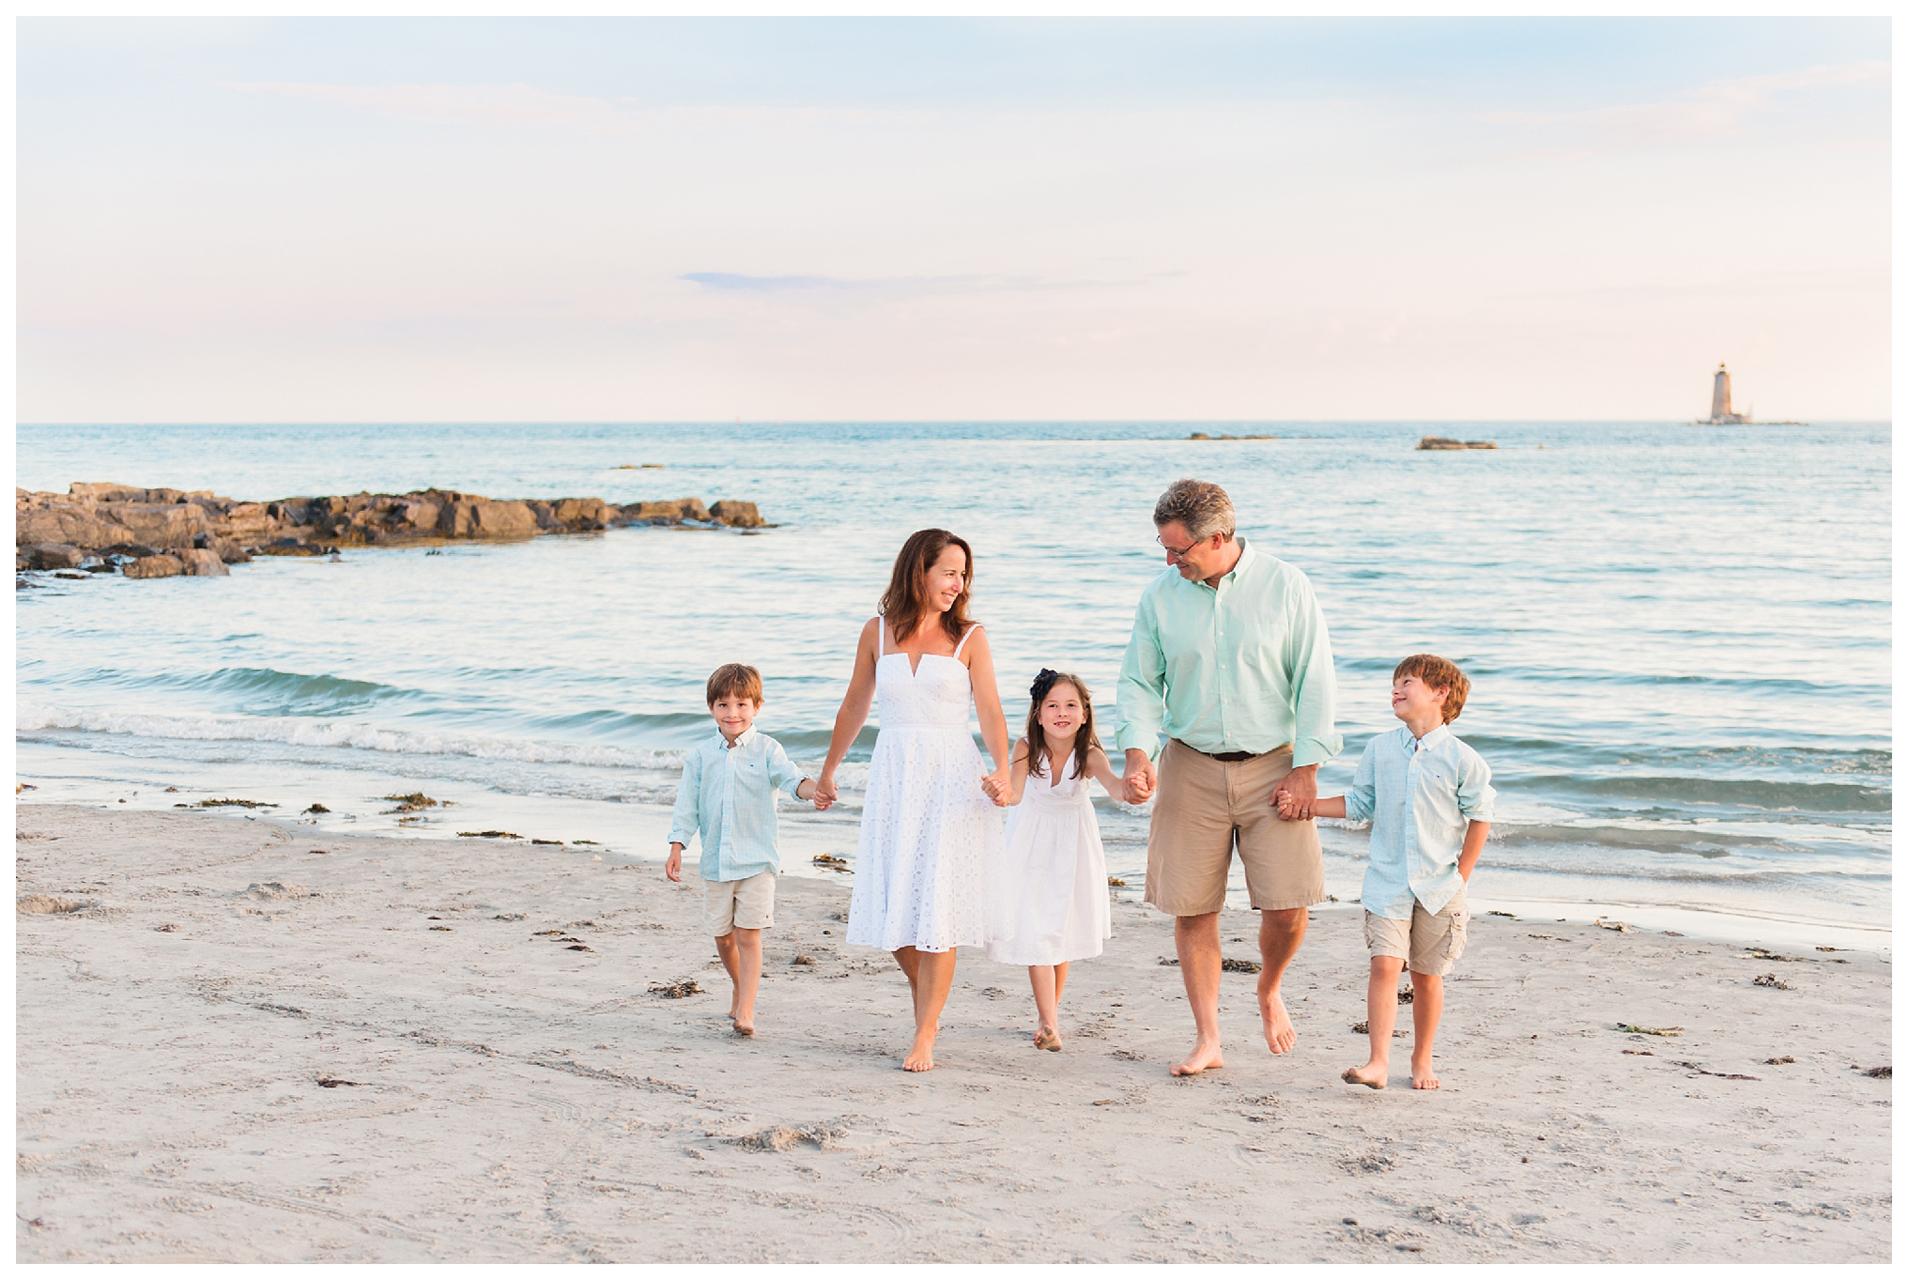 Family-Photographer-Sweet-Light-Portraits10.jpg